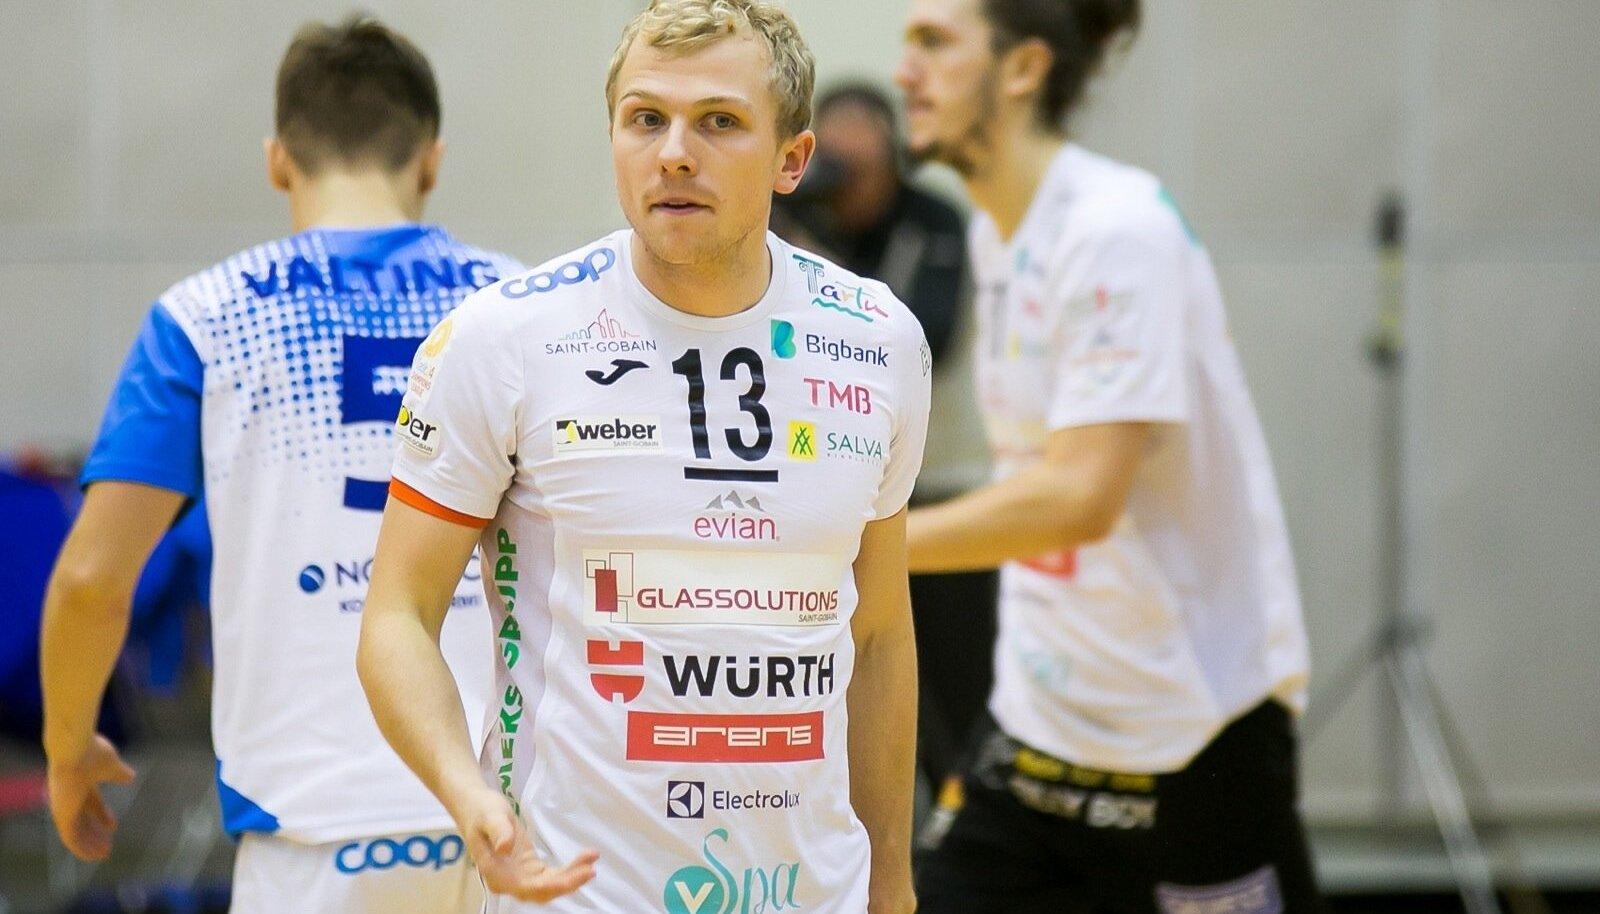 Credit 24 võrkpall meistriliiga, Saaremaa Bigbank Tartu, Võitis Saaremaa Vl 3:2